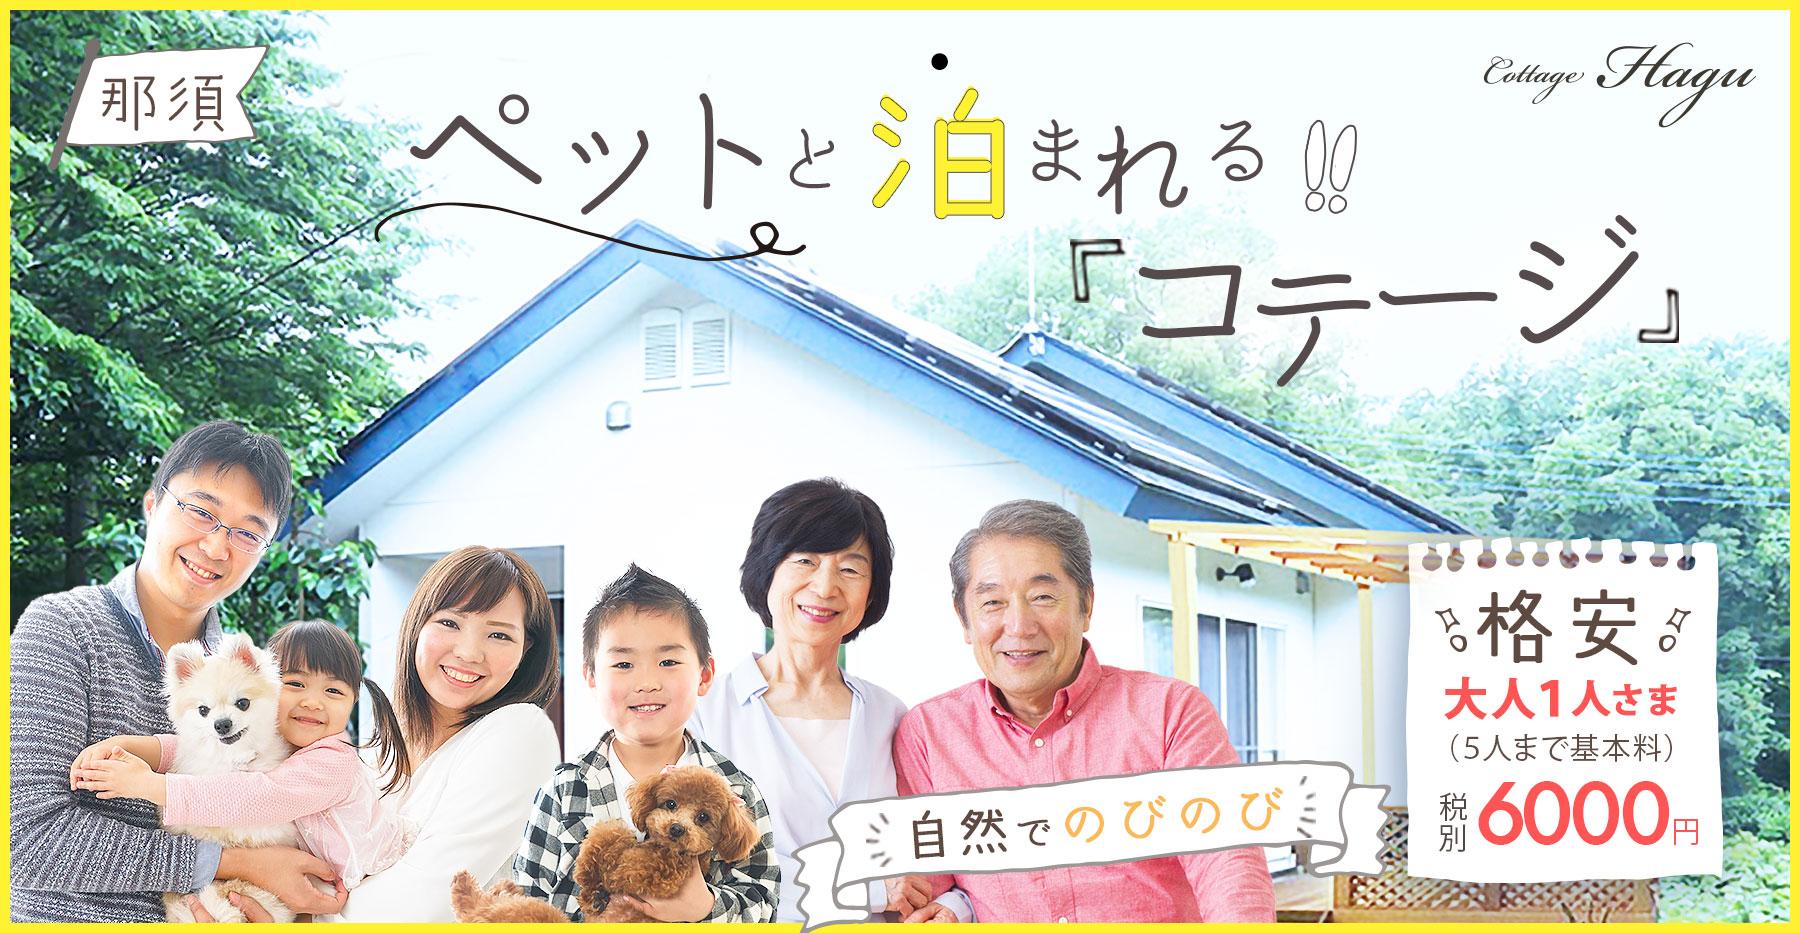 【格安】ペットと泊まれるコテージ 那須「コテージはぐ」大人16000円